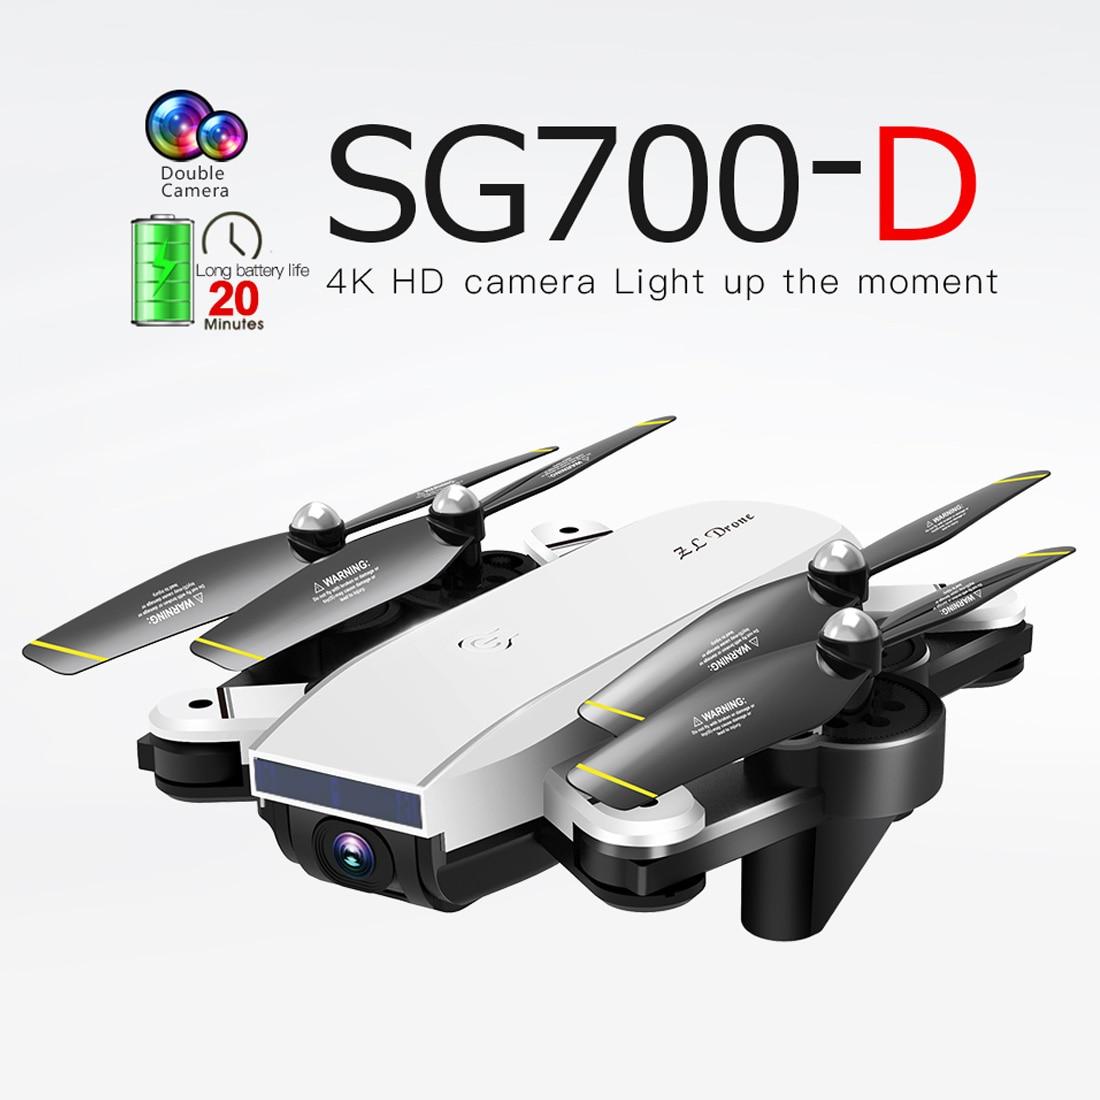 2019 SG700-D للطي WiFi FPV RC Drone 4K 1080P HD كاميرا مزدوجة البصرية تدفق الوقت الحقيقي فتة الجوي صور فيديو RC Quadcopter